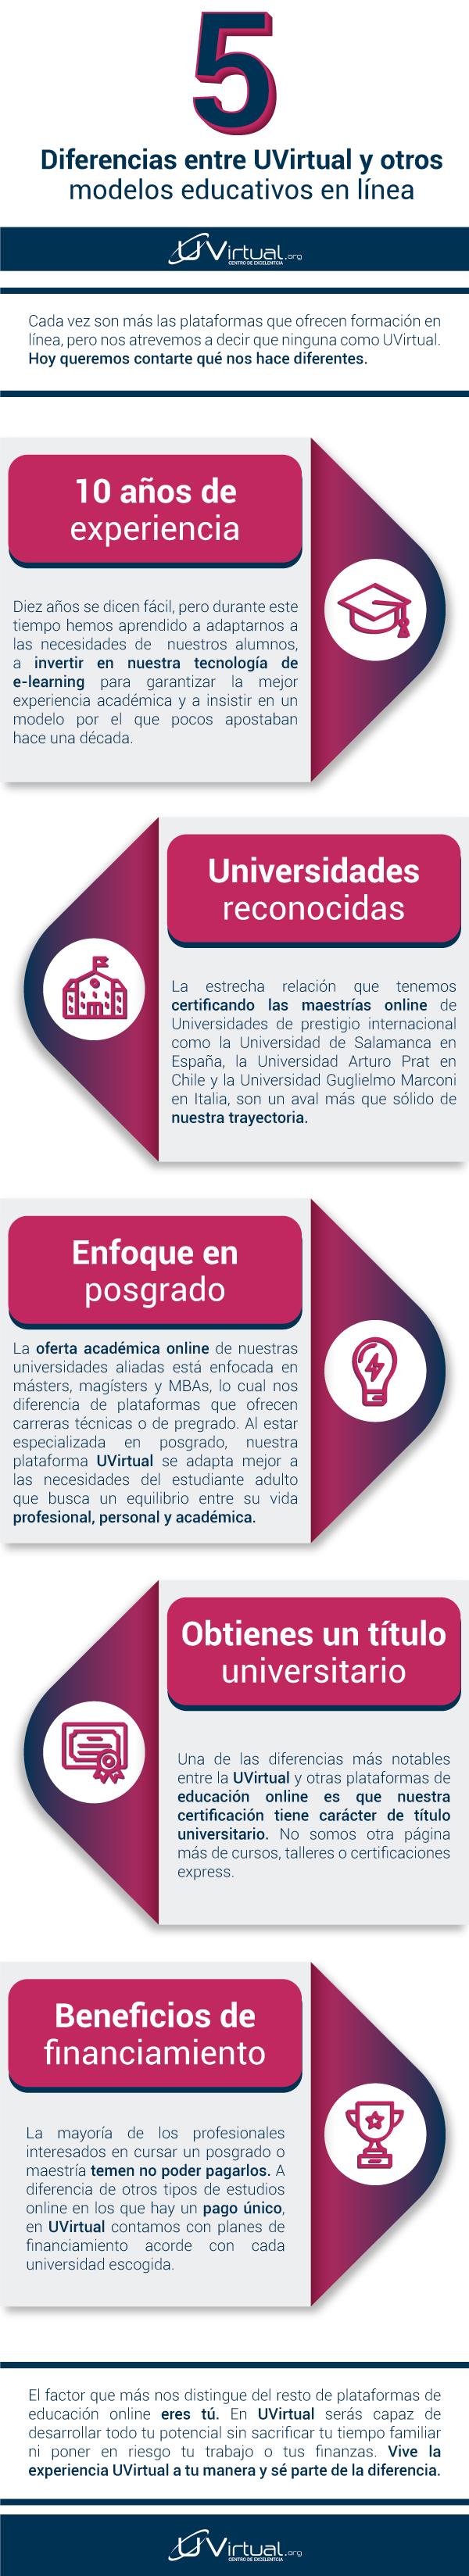 INFOGRAFIA-U-VIRTUAL-5 diferencias entre UVirtual y otros modelos educativos en línea.png